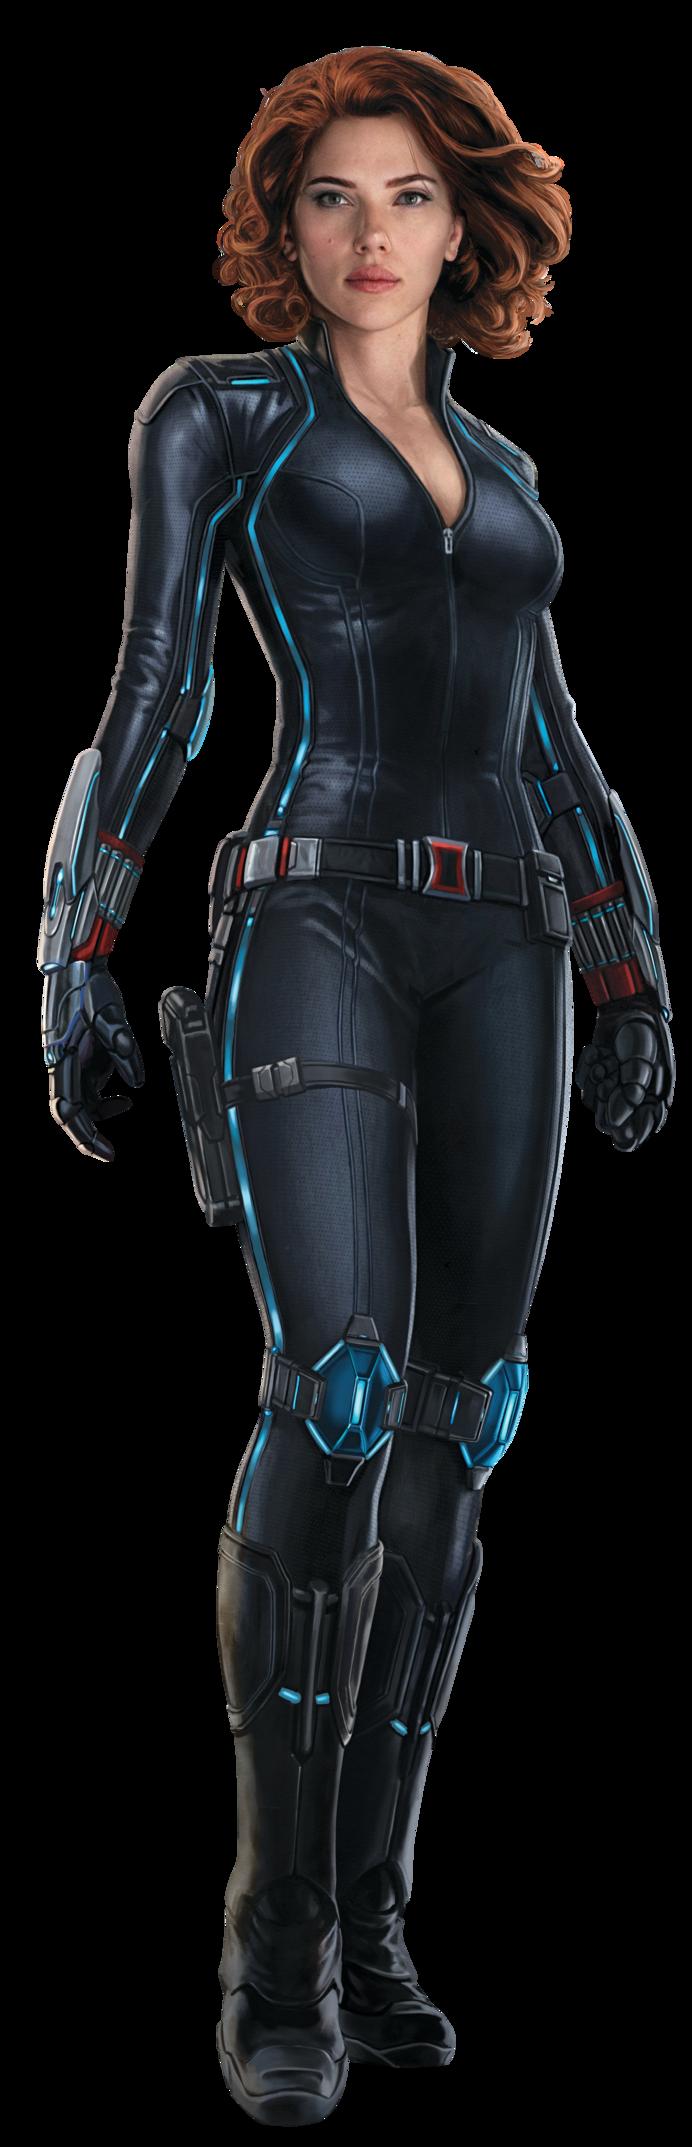 AoU Black Widow 02.png - Black Widow PNG